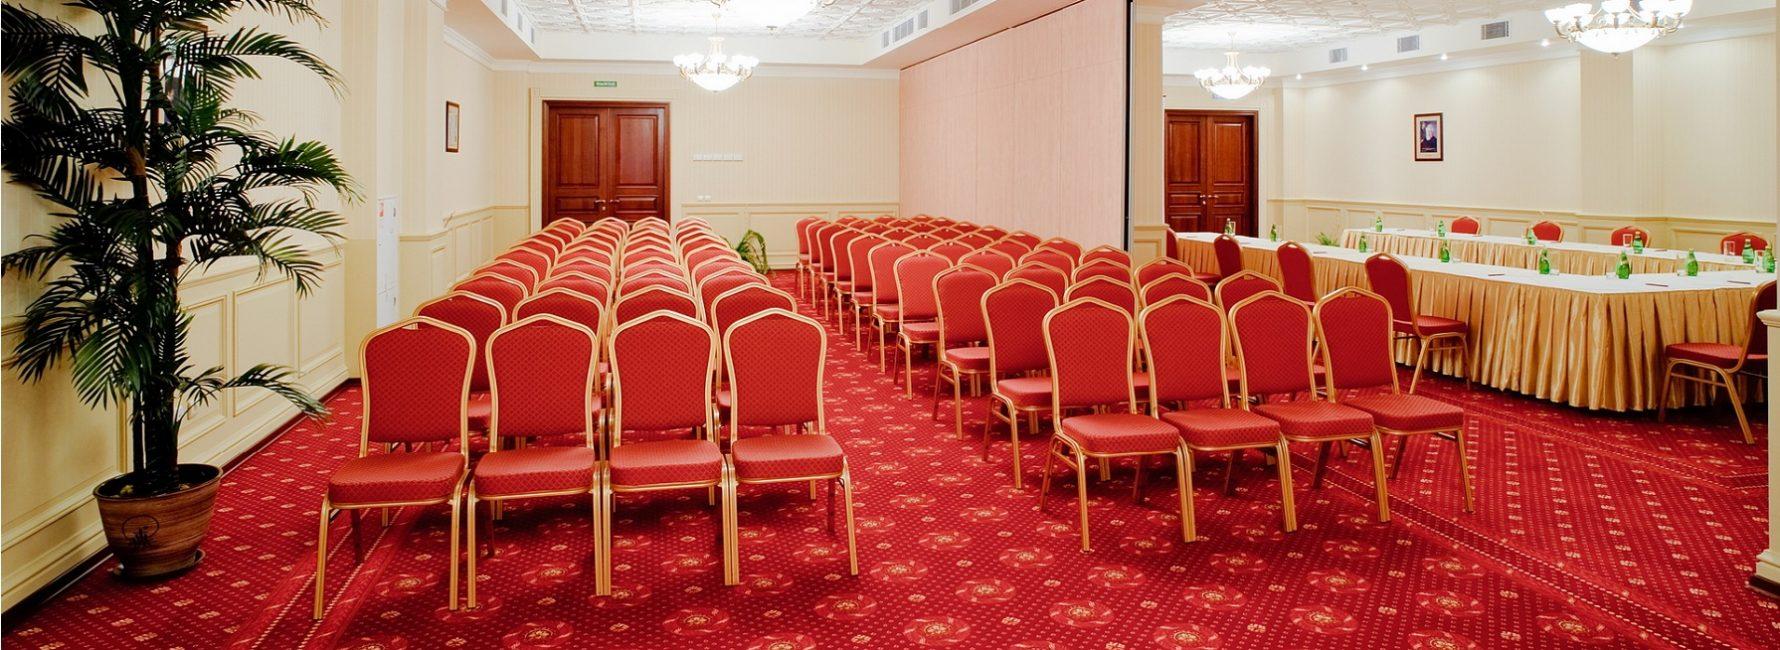 6 трансформируемых залов со звукоизоляционными перегородками